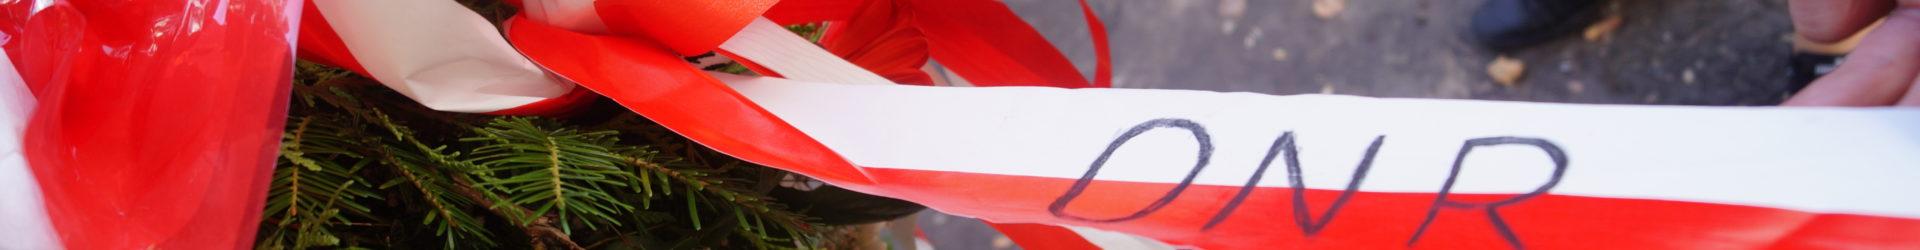 79 rocznica bolszewickiej inwazji na Polskę